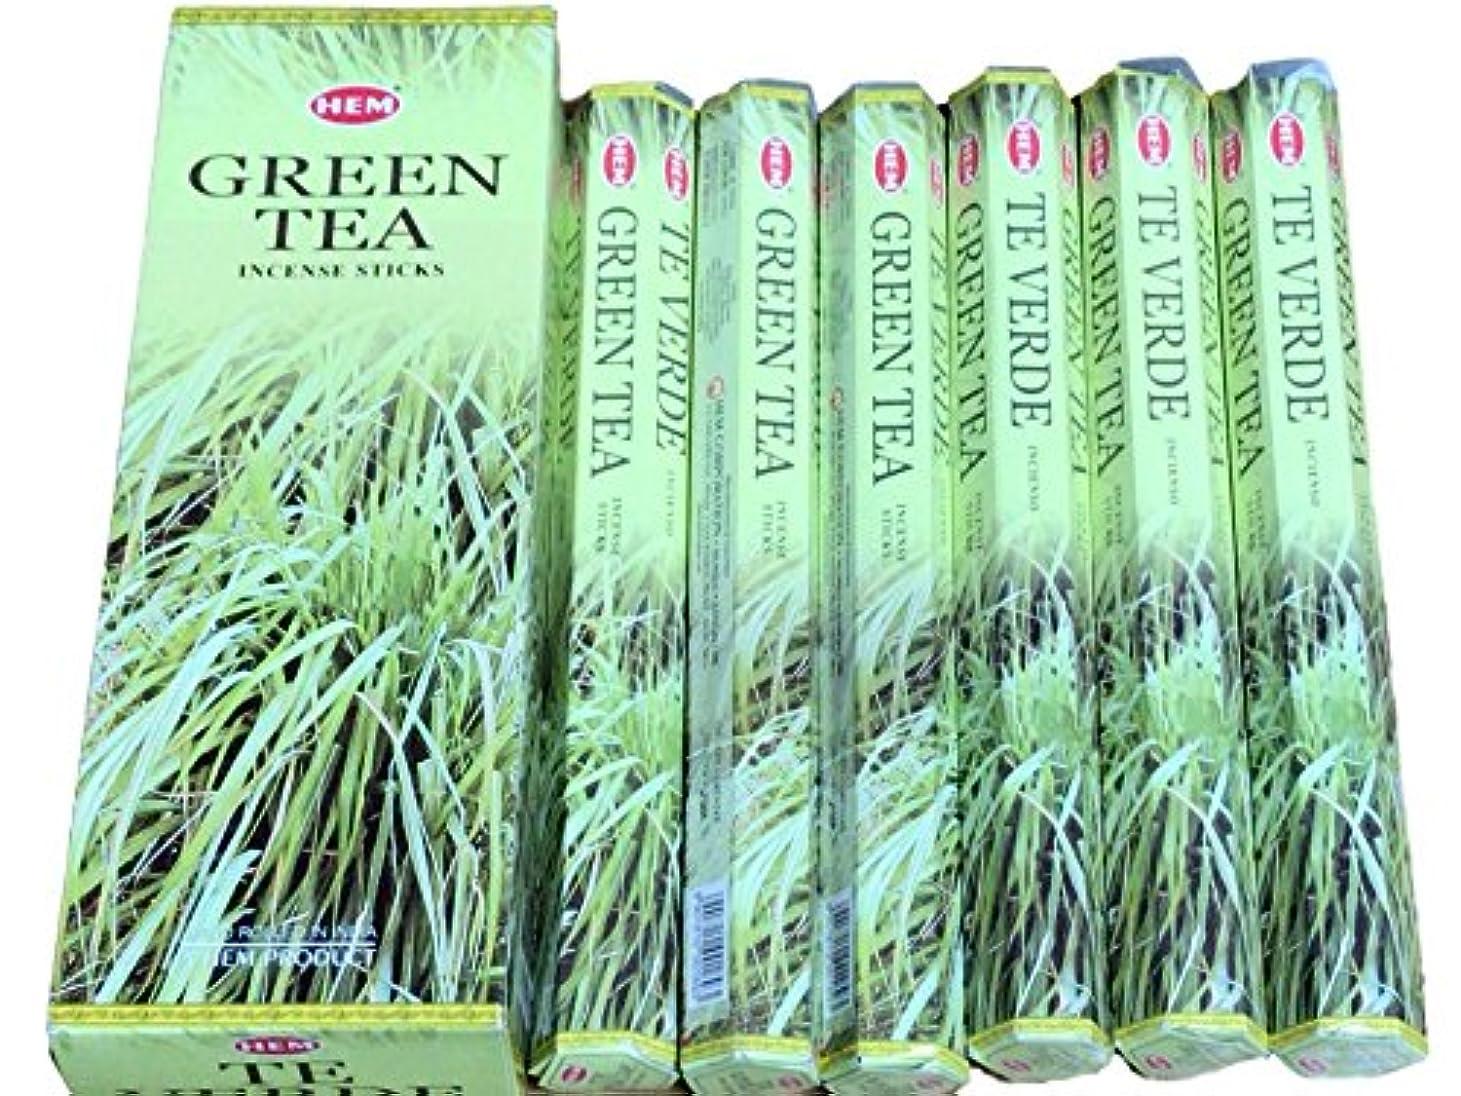 ジェームズダイソンゆりかご確認するHEM ヘム グリーンティー GREENTEA ステック お香 6本 セット